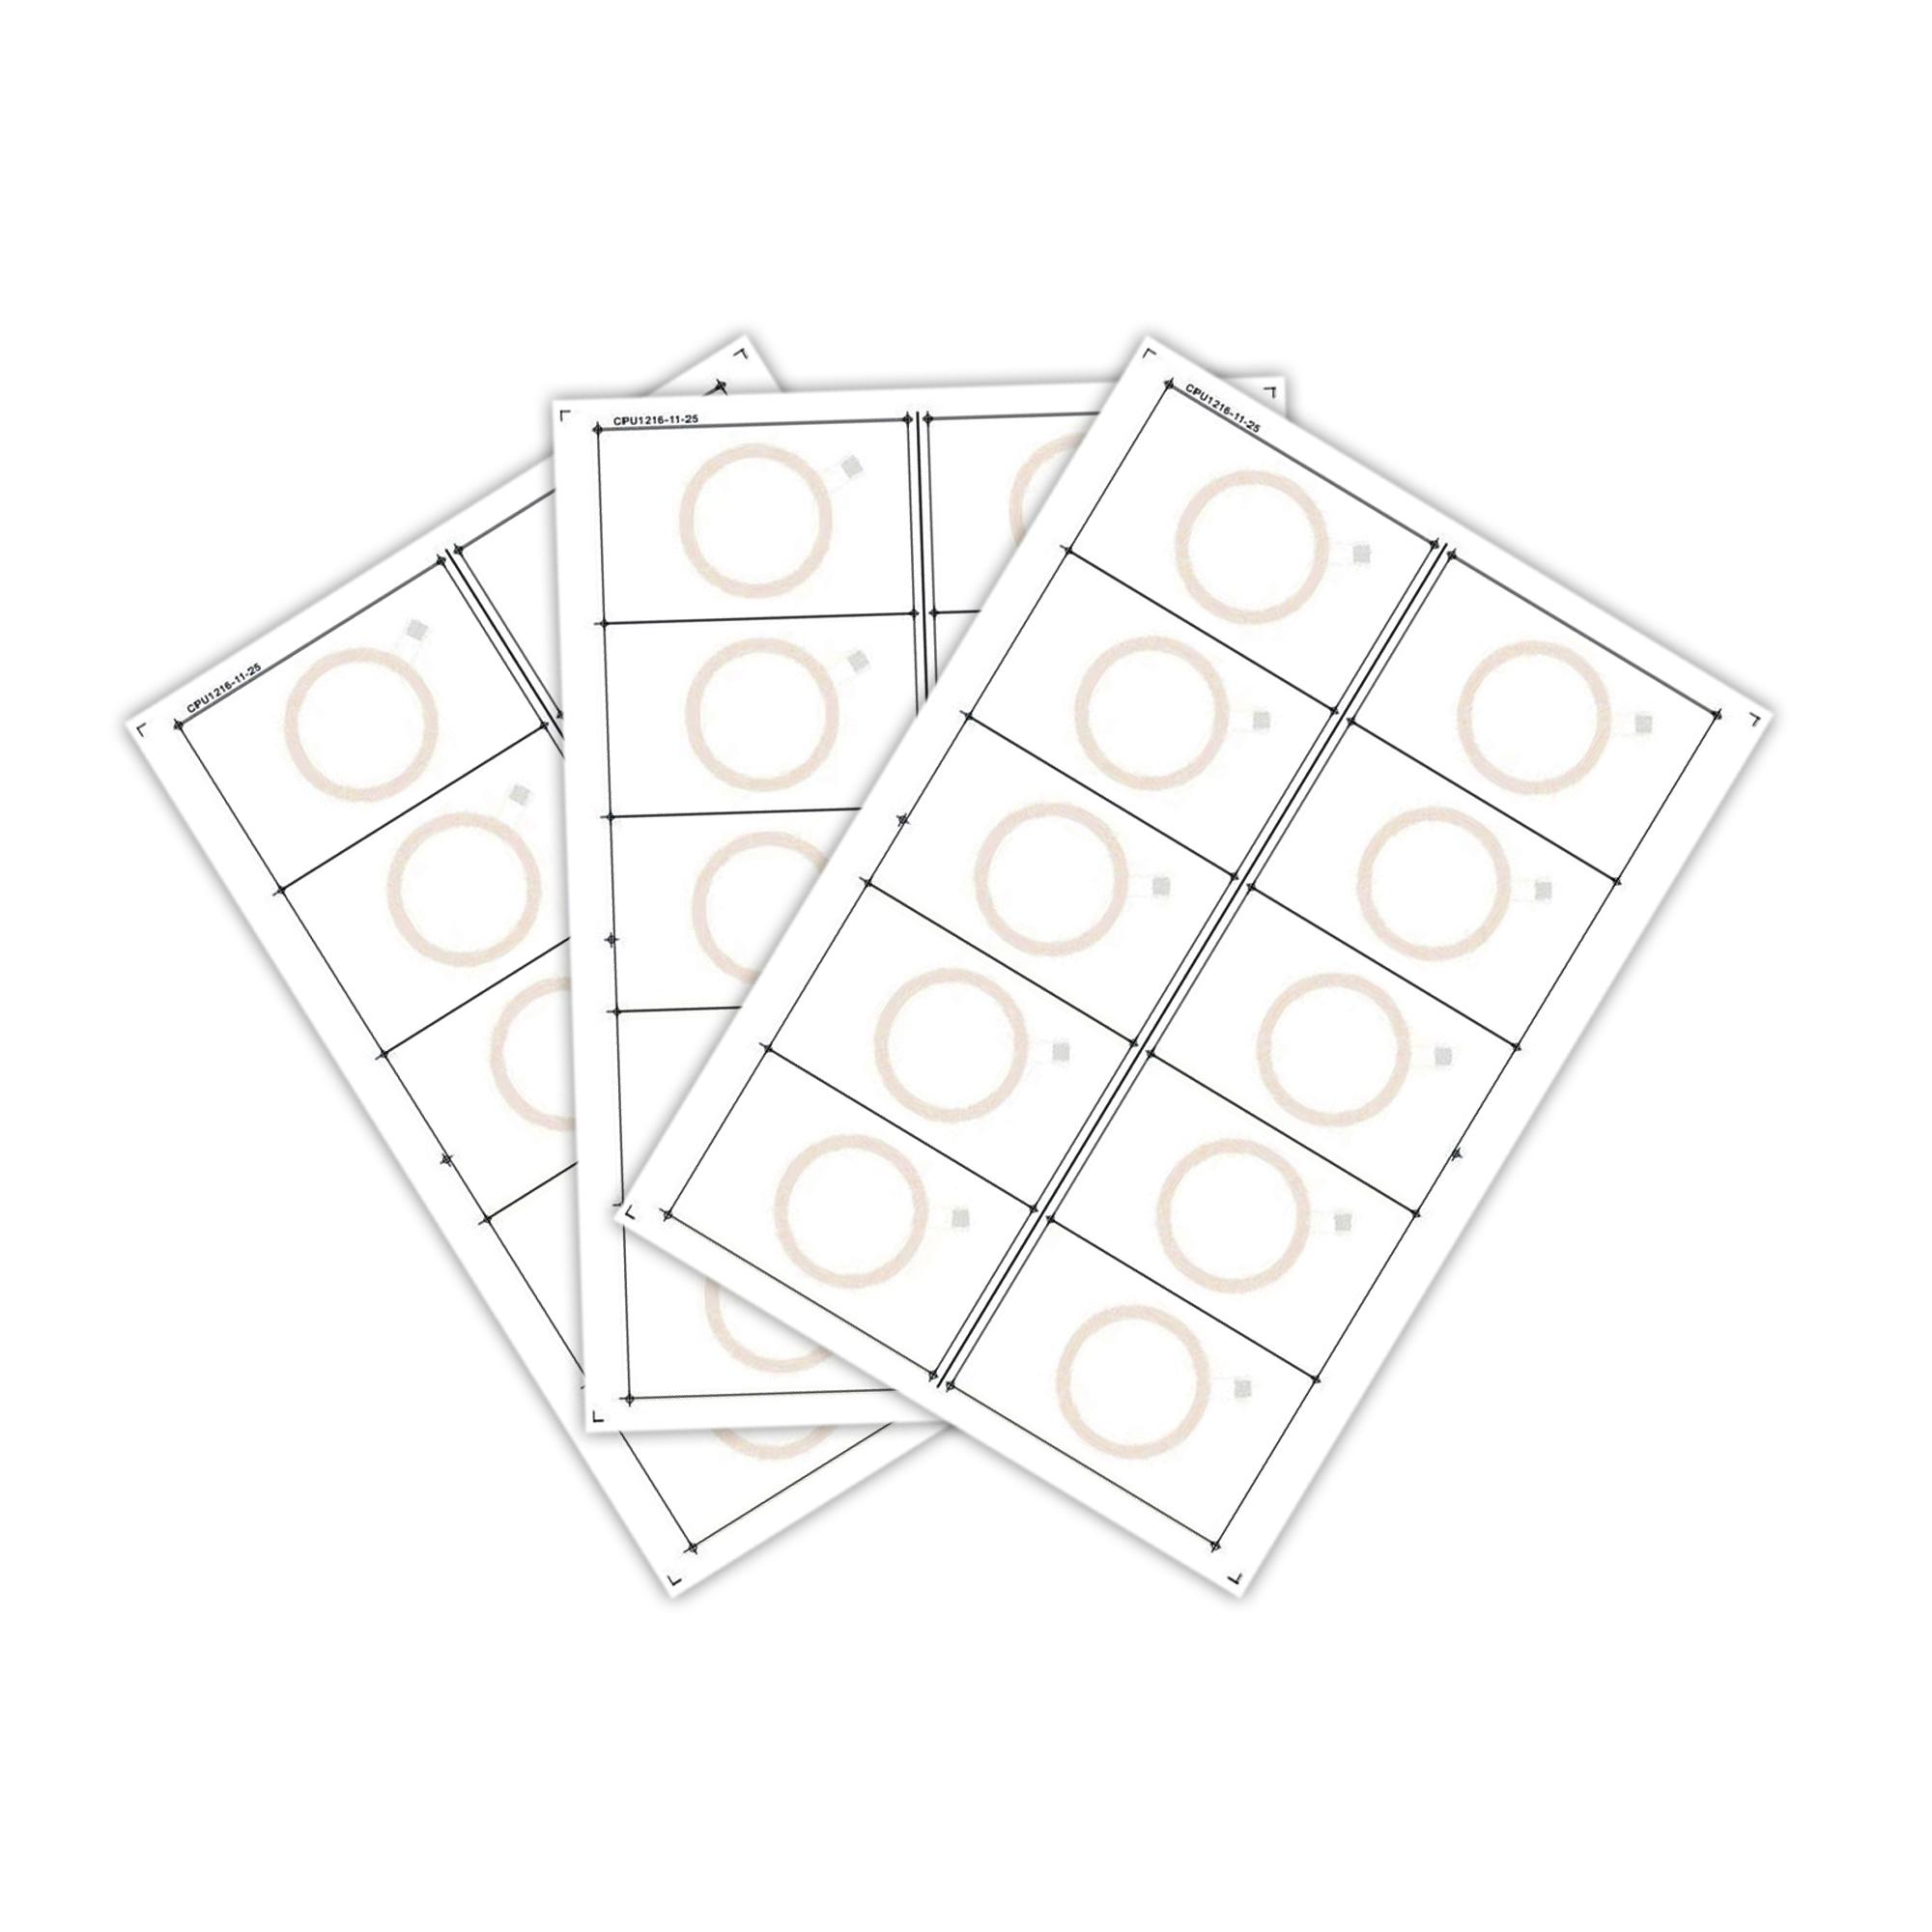 Сировина, інлей для виробництва rfid-карт з чіпом UHF ALIEN H3 (10 чіпів на аркуші формату A4)